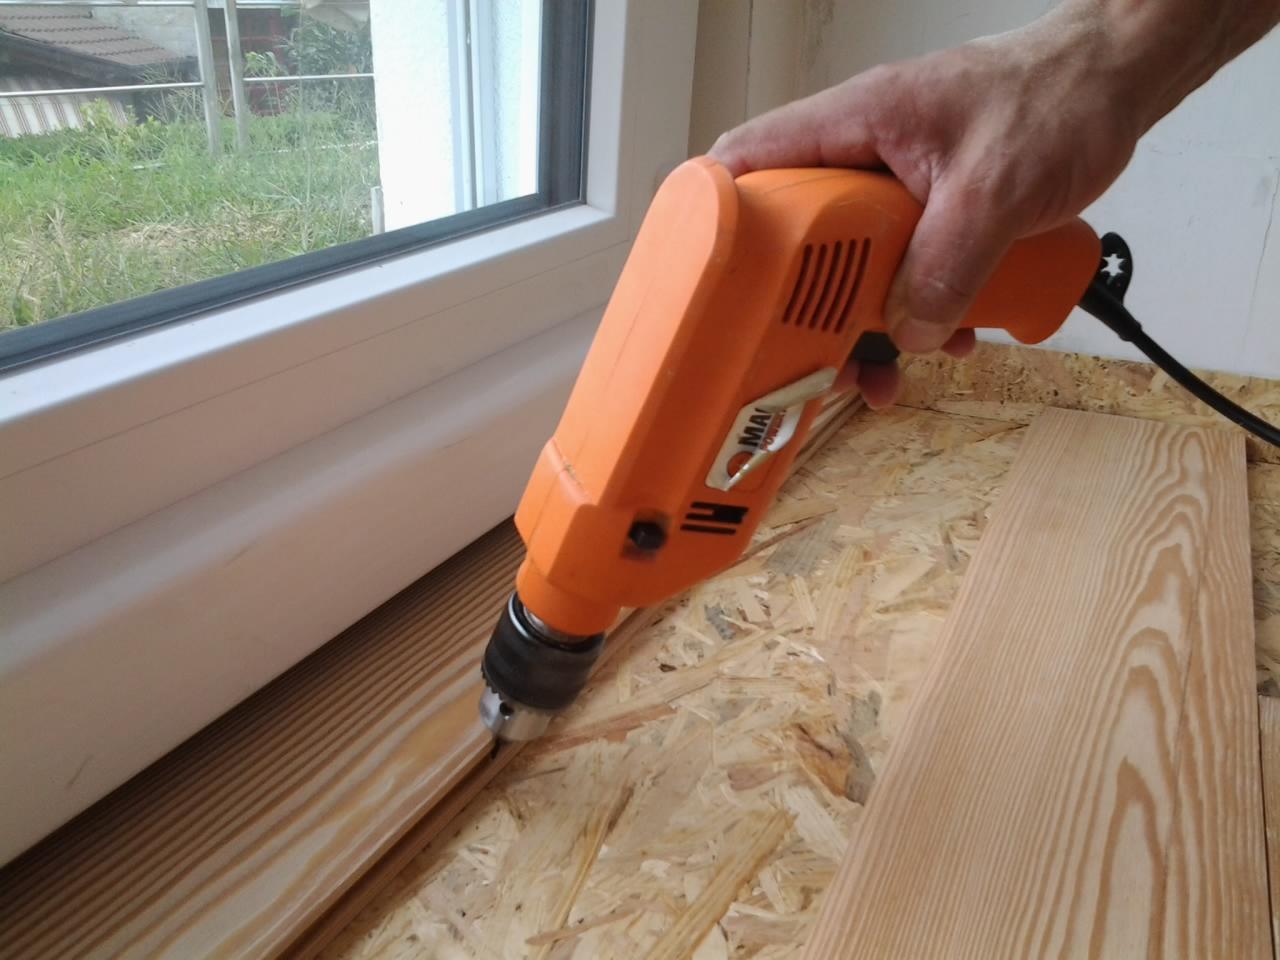 Le fasi di posa di un pavimento in larice massello spazzolato dai costi alla verniciatura - Tavole di abete prezzi ...